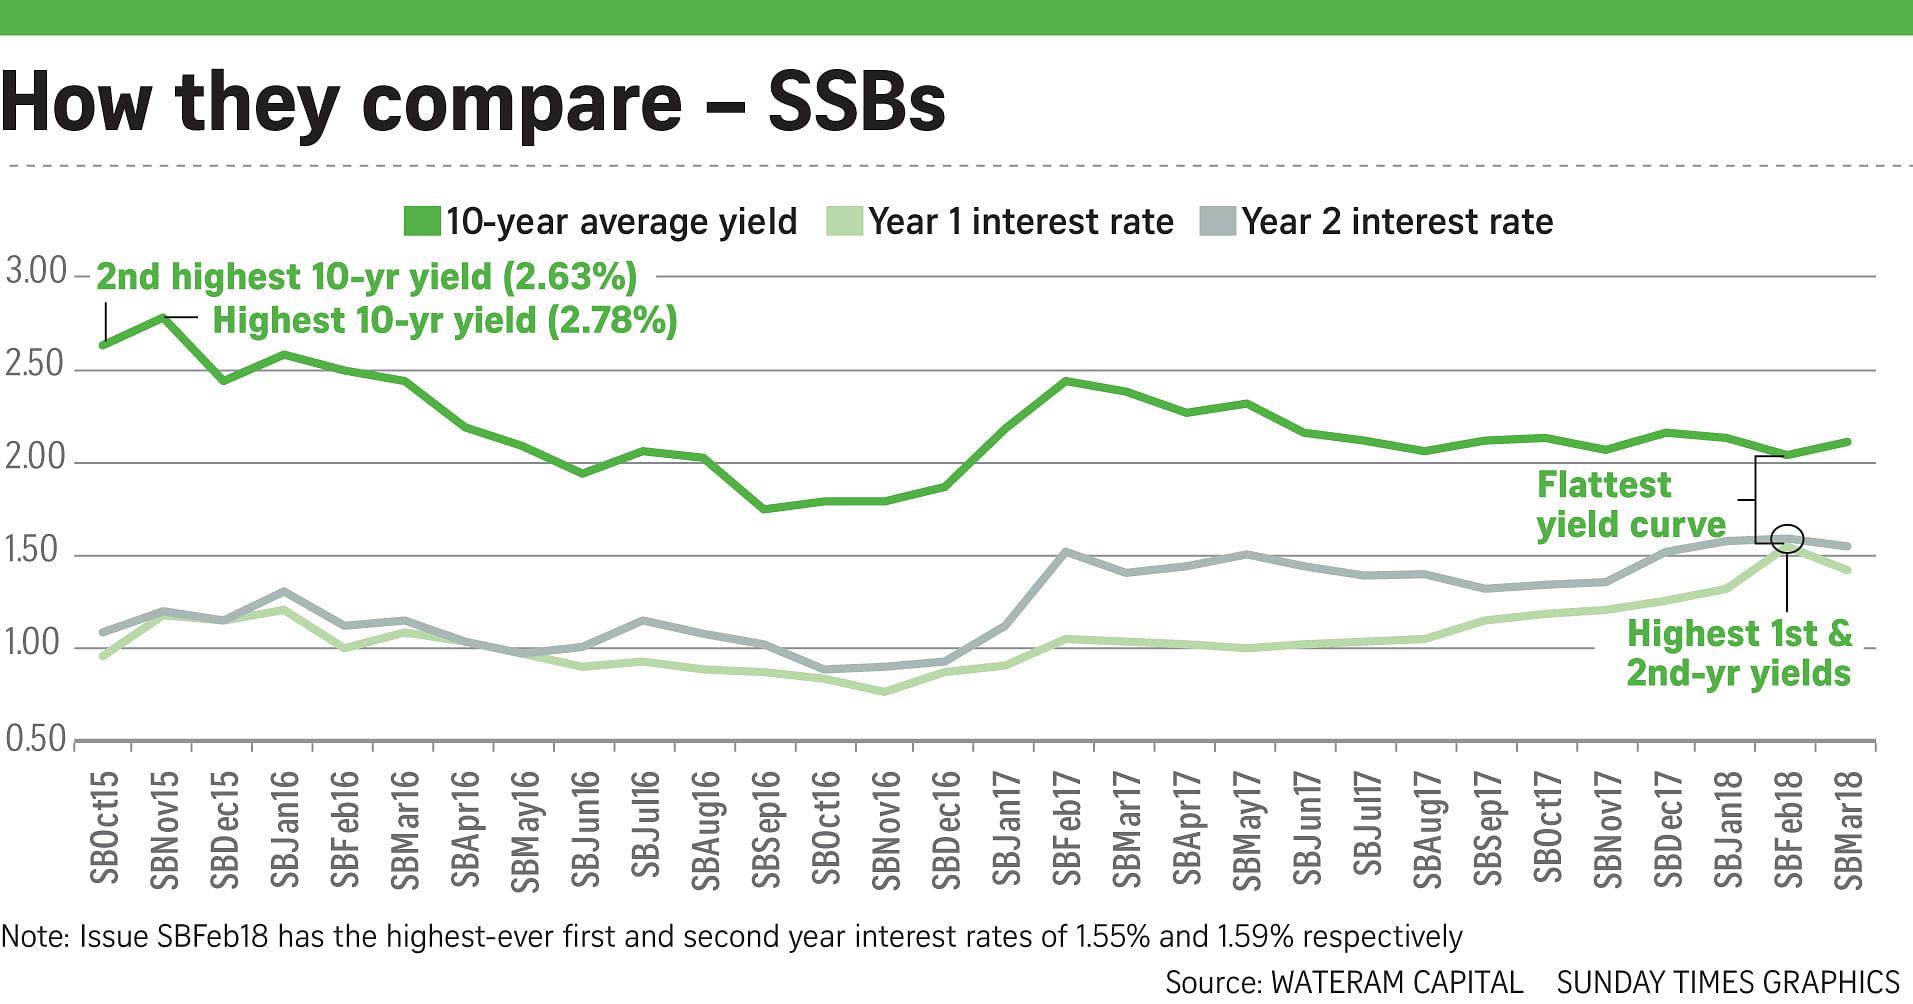 Big demand for Singapore Savings Bonds, Business News & Top